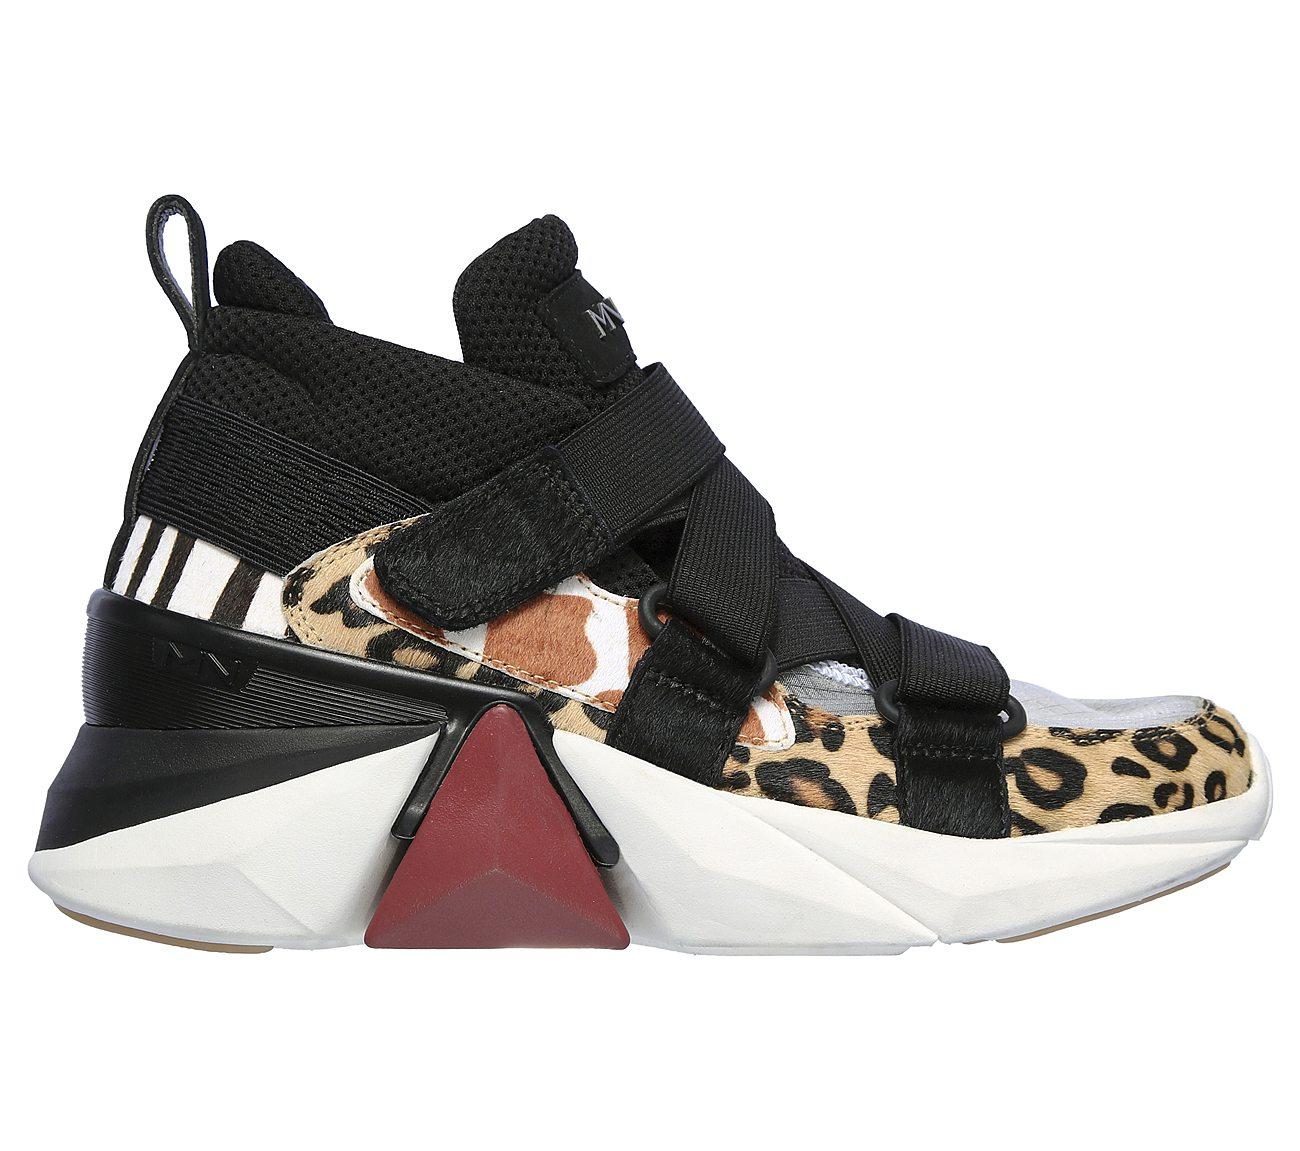 Skechers   School shoes   Shoes & boots